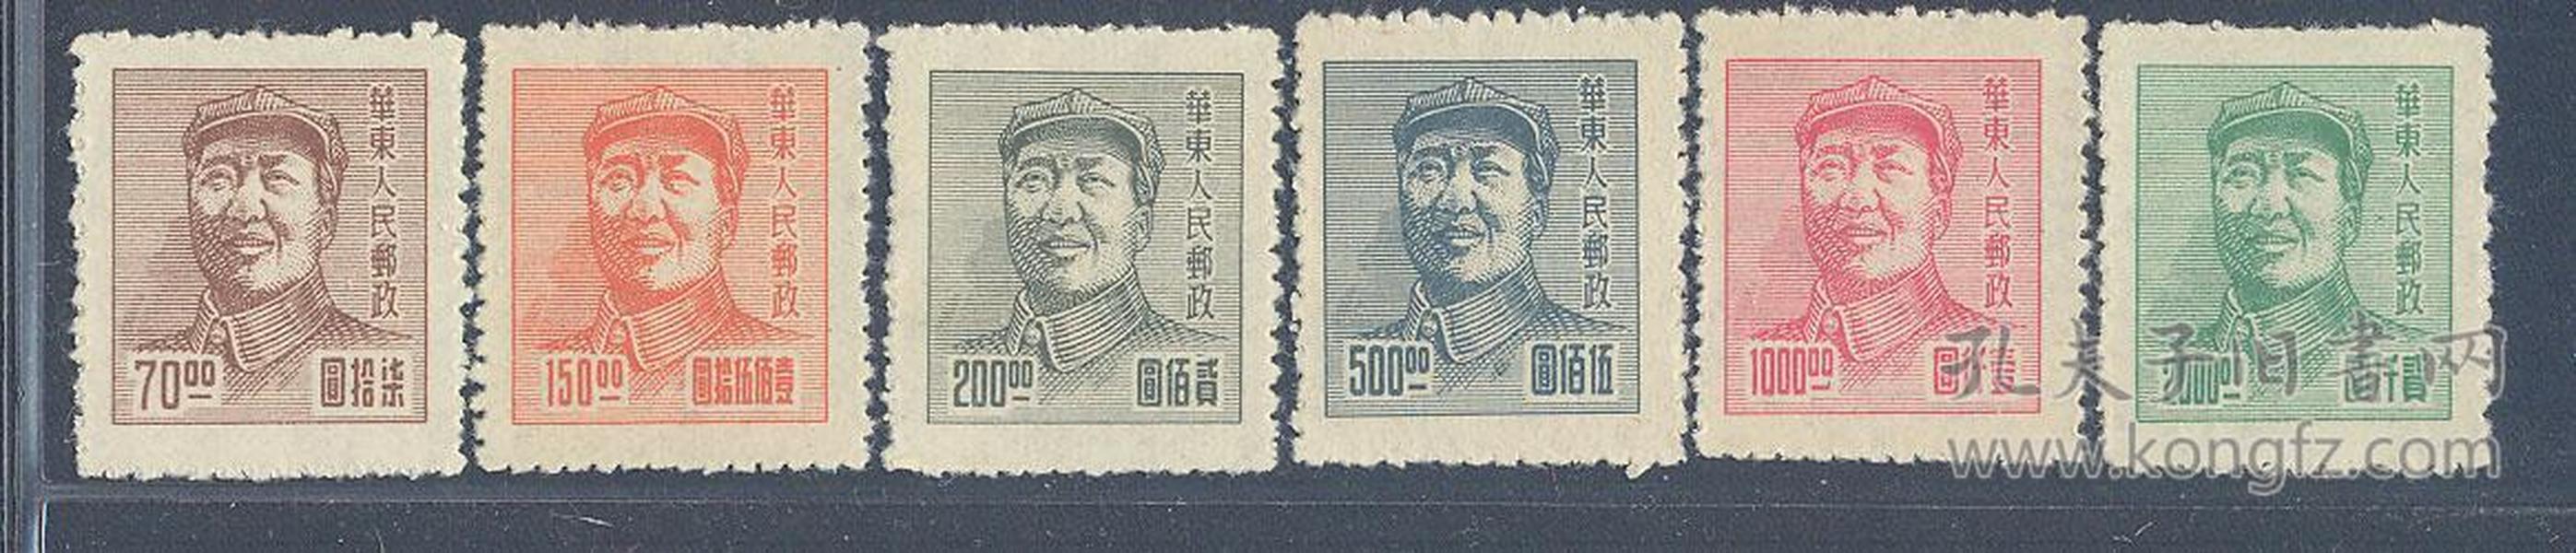 华东区邮票JHD-52 三版毛像6枚不同新(上品)